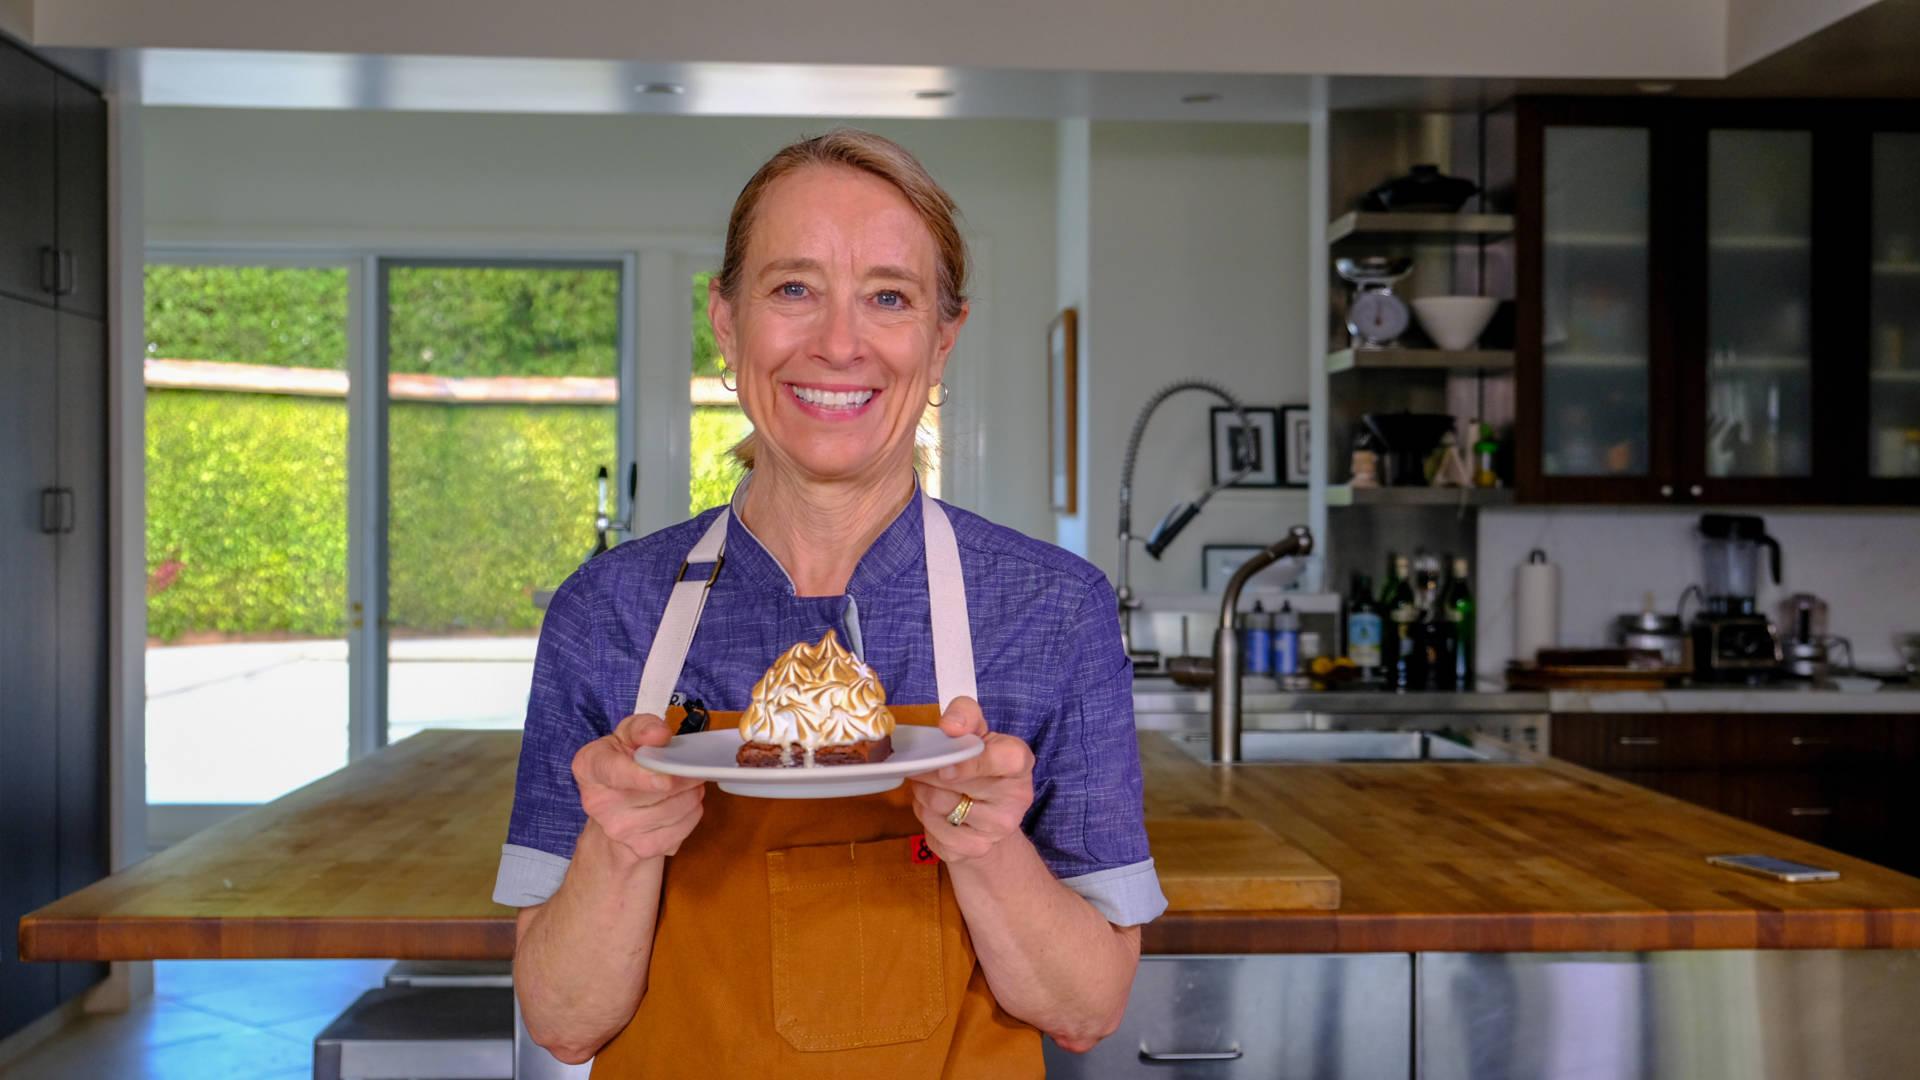 Chef Emily Luchetti holds her Baked Alaska